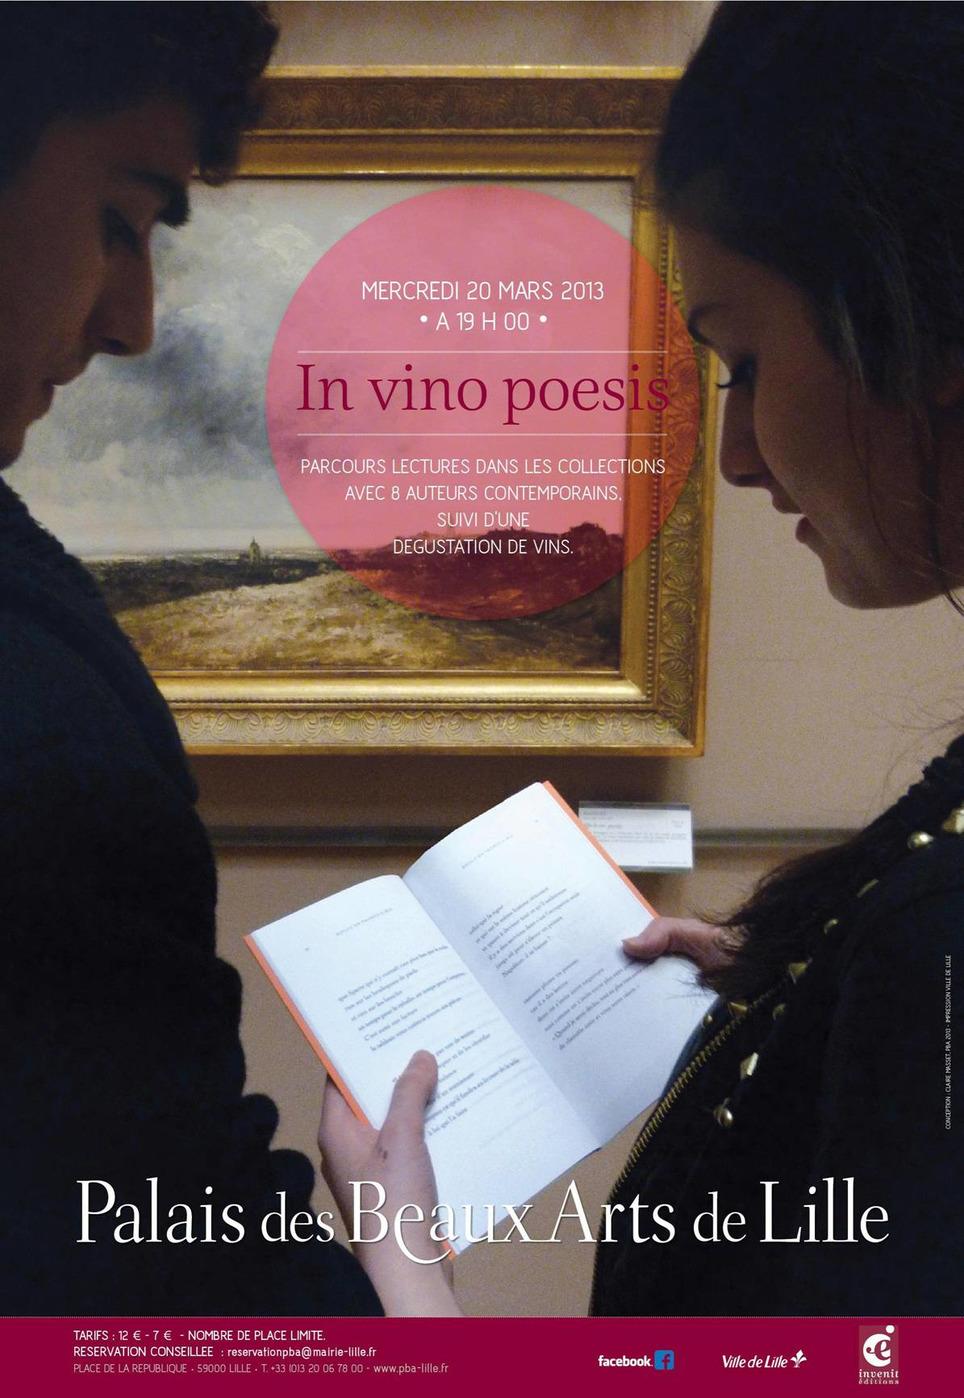 La poésie au Musée des Beaux Arts de Lille, le 20 mars 2013 | Poezibao | Scoop.it